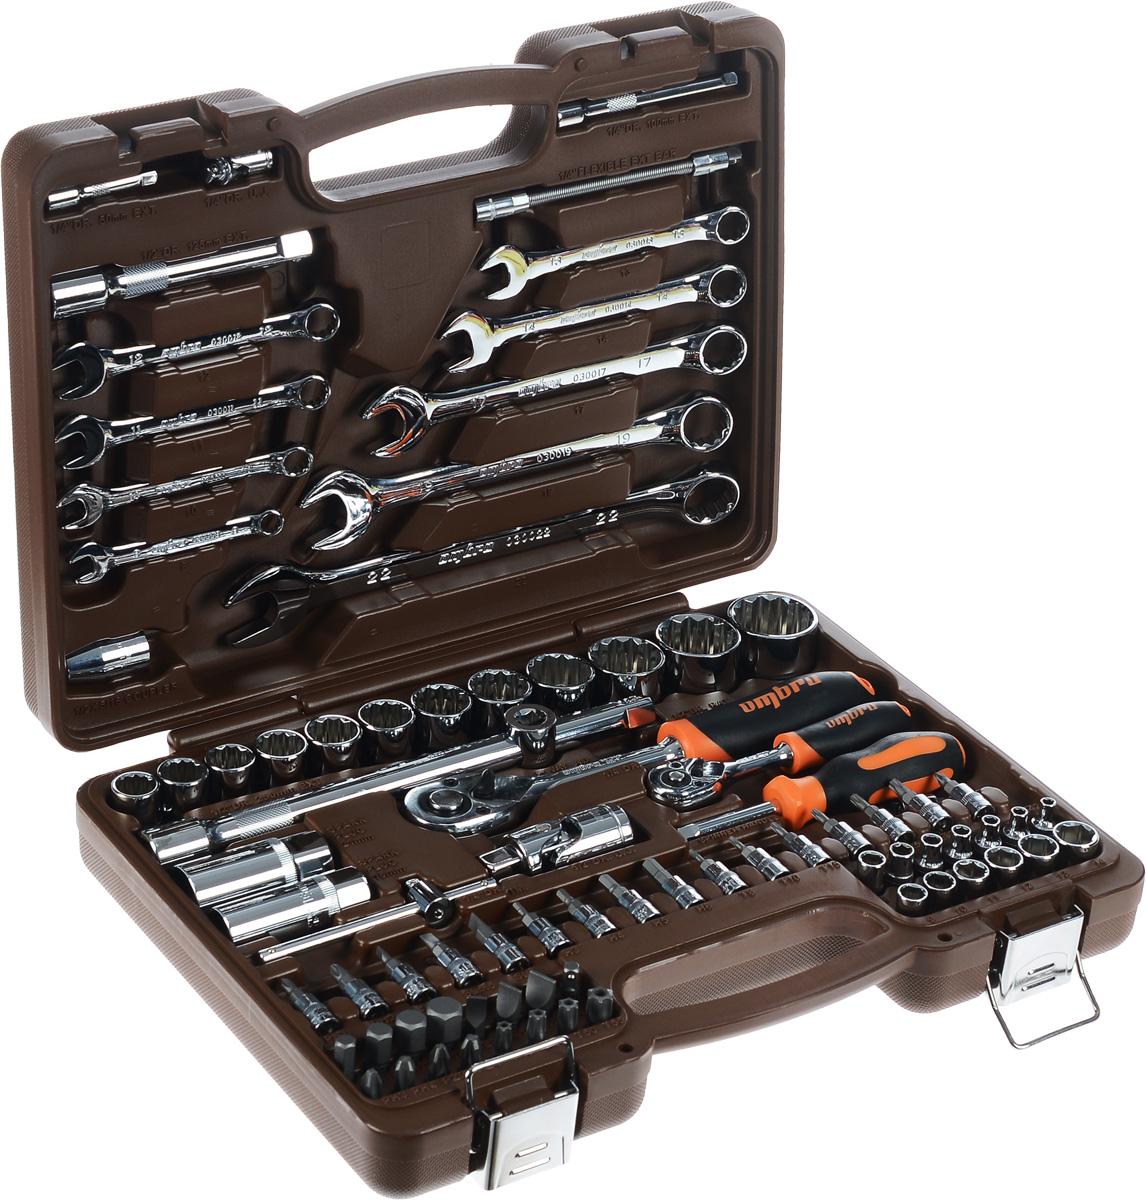 Набор инструментов Ombra, 82 предмета. OMT82S12OMT82S12Набор инструментов Ombra состоит из 82 предметов и предназначен для монтажа/демонтажа резьбовых соединений. Предметы набора выполнены из высококачественной стали. Инструменты соответствуют высоким стандартам качества, поэтому подойдут как для использования на бытовом уровне, так и для применения в профессиональной сфере.Состав набора:1/4:Головки шестигранные: 4 мм, 4,5 мм, 5 мм, 5,5 мм, 6 мм, 7 мм, 8 мм, 9 мм, 10 мм, 11 мм, 12 мм, 13 мм, 14 мм.Головки со вставками: H3, H4, H5, H6, T8, T10, T15, T20, T25, T30, SL4, SL5,5, SL7, PH1, PH2, PZ1, PZ2.Трещоточная рукоятка.Т-образный вороток.Удлинитель: 50 мм, 100 мм.Карданный шарнир.Гибкий удлинитель.Отверточная рукоятка.Адаптер для бит.1/2:Двенадцатигранные головки: 14 мм, 15 мм, 16 мм, 17 мм, 18 мм, 19 мм, 21 мм, 22 мм, 24 мм, 27 мм, 30 мм, 32 мм.Биты 5/16, 30 мм: H8, H10, H12, H14, T40, T45, T50, T55, SL8, SL10, SL12, PH3, PH4, PZ3, PZ4.Карданный шарнир.Удлинитель: 125 мм, 250 мм.Трещоточная рукоятка.Головки свечные: 16 мм, 21 мм.Держатель для бит: 1/2DR x 5/16.Адаптер для удлинителя.Комбинированные ключи: 8 мм, 10 мм, 11 мм, 12 мм, 13 мм, 14 мм, 17 мм, 19 мм, 22 мм.